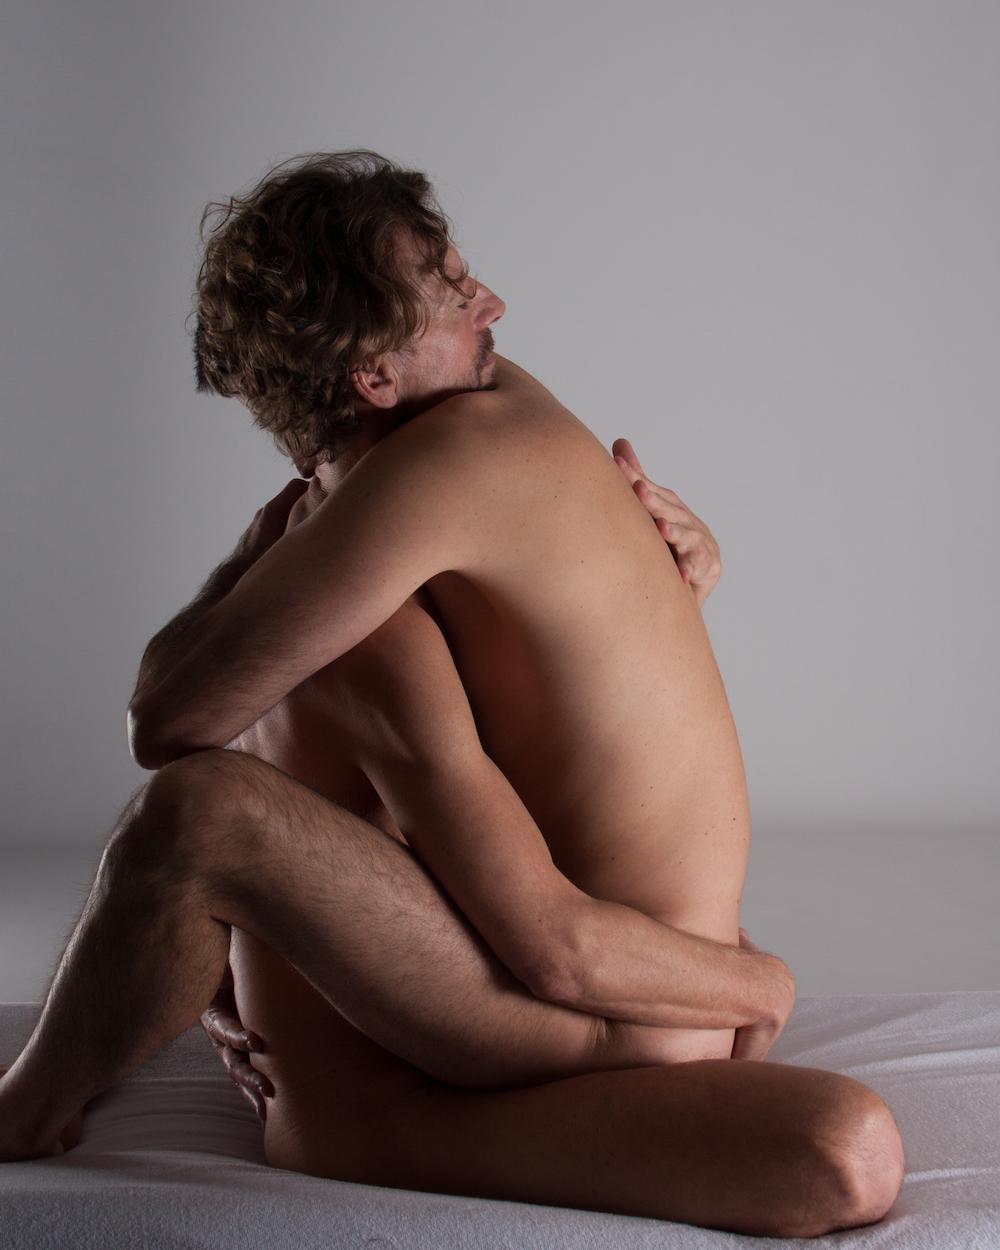 Sexual healing ONEstudio A